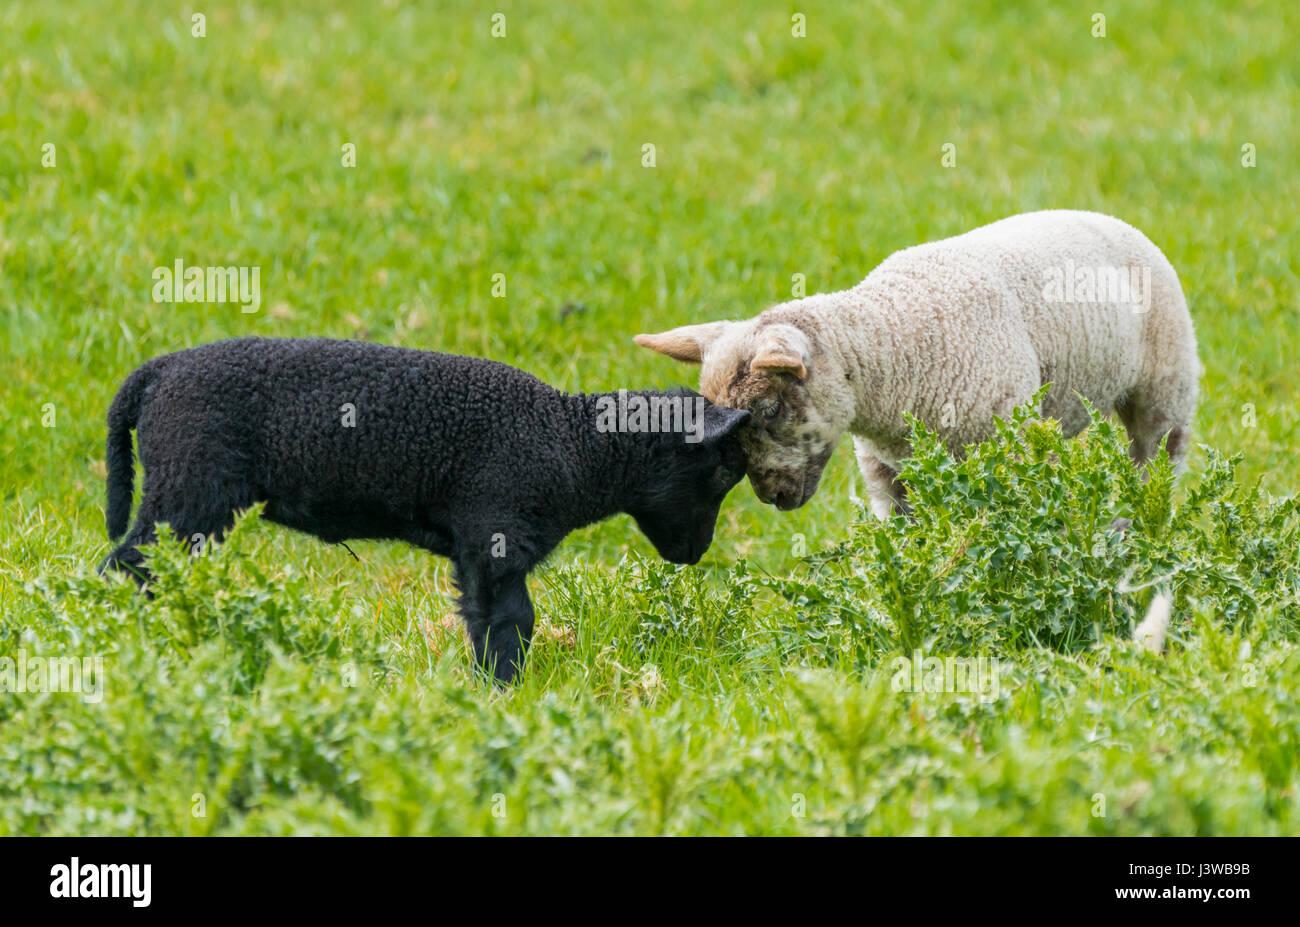 Amigos cercanos. Corderos en blanco y negro cabeza a cabeza mientras juegan juntos en un campo. Imagen De Stock